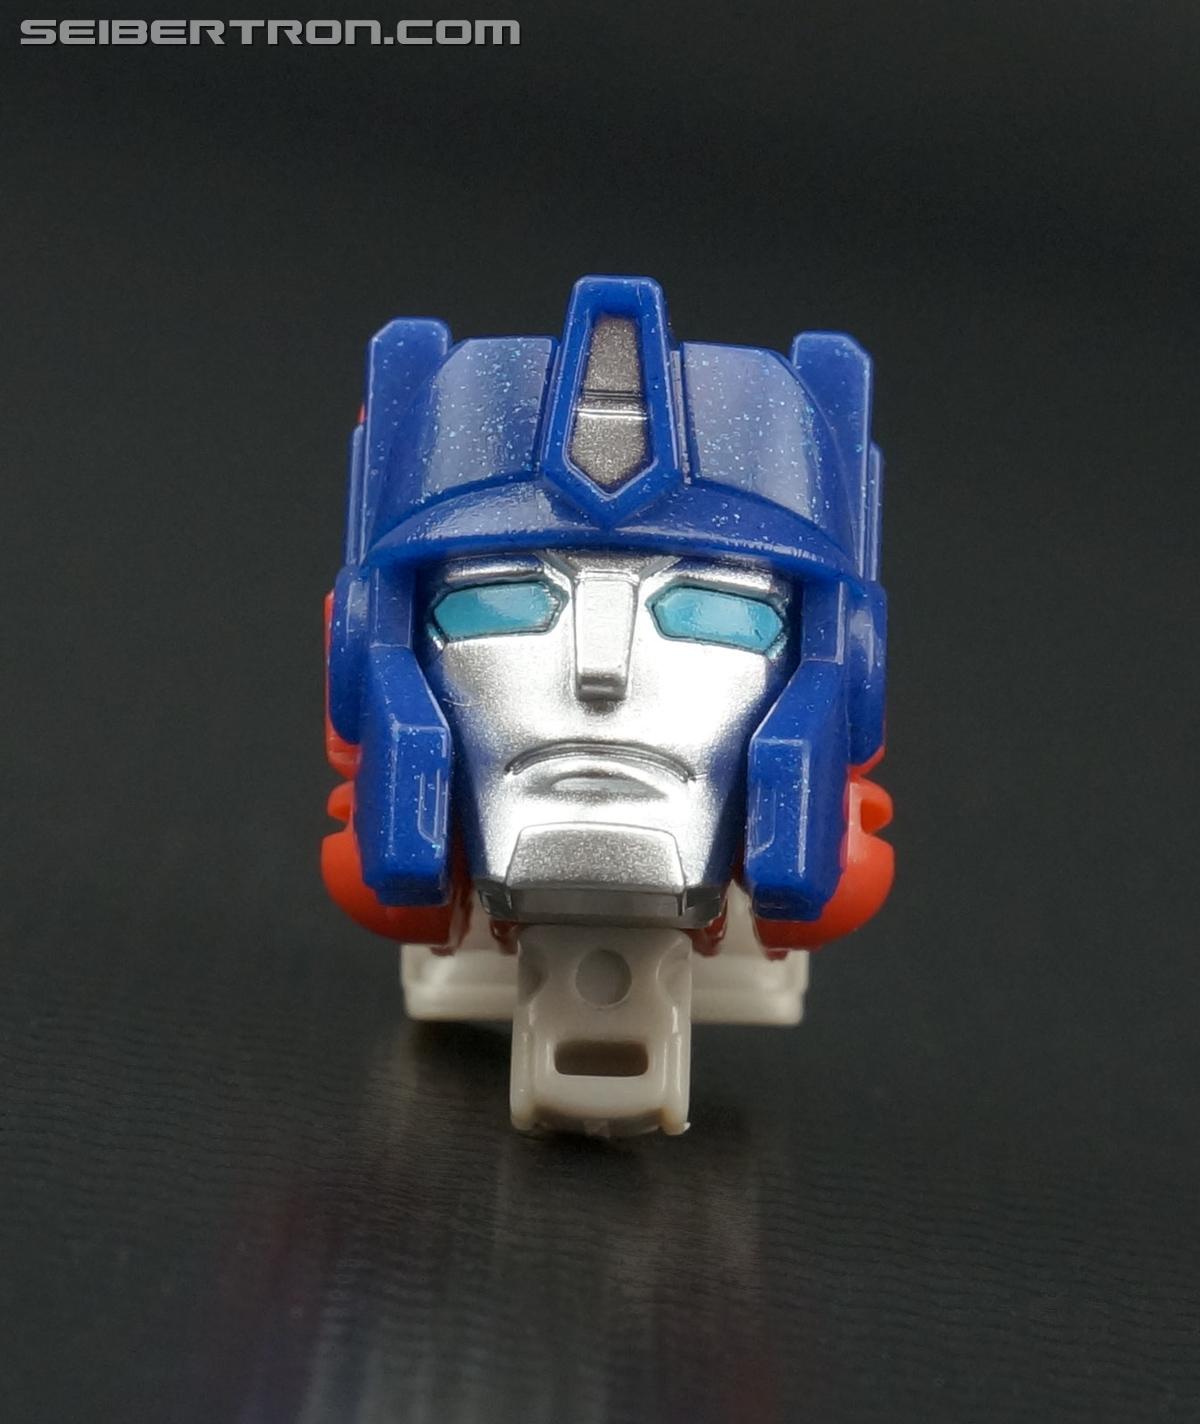 Transformers Titans Return Apex (Image #1 of 65)